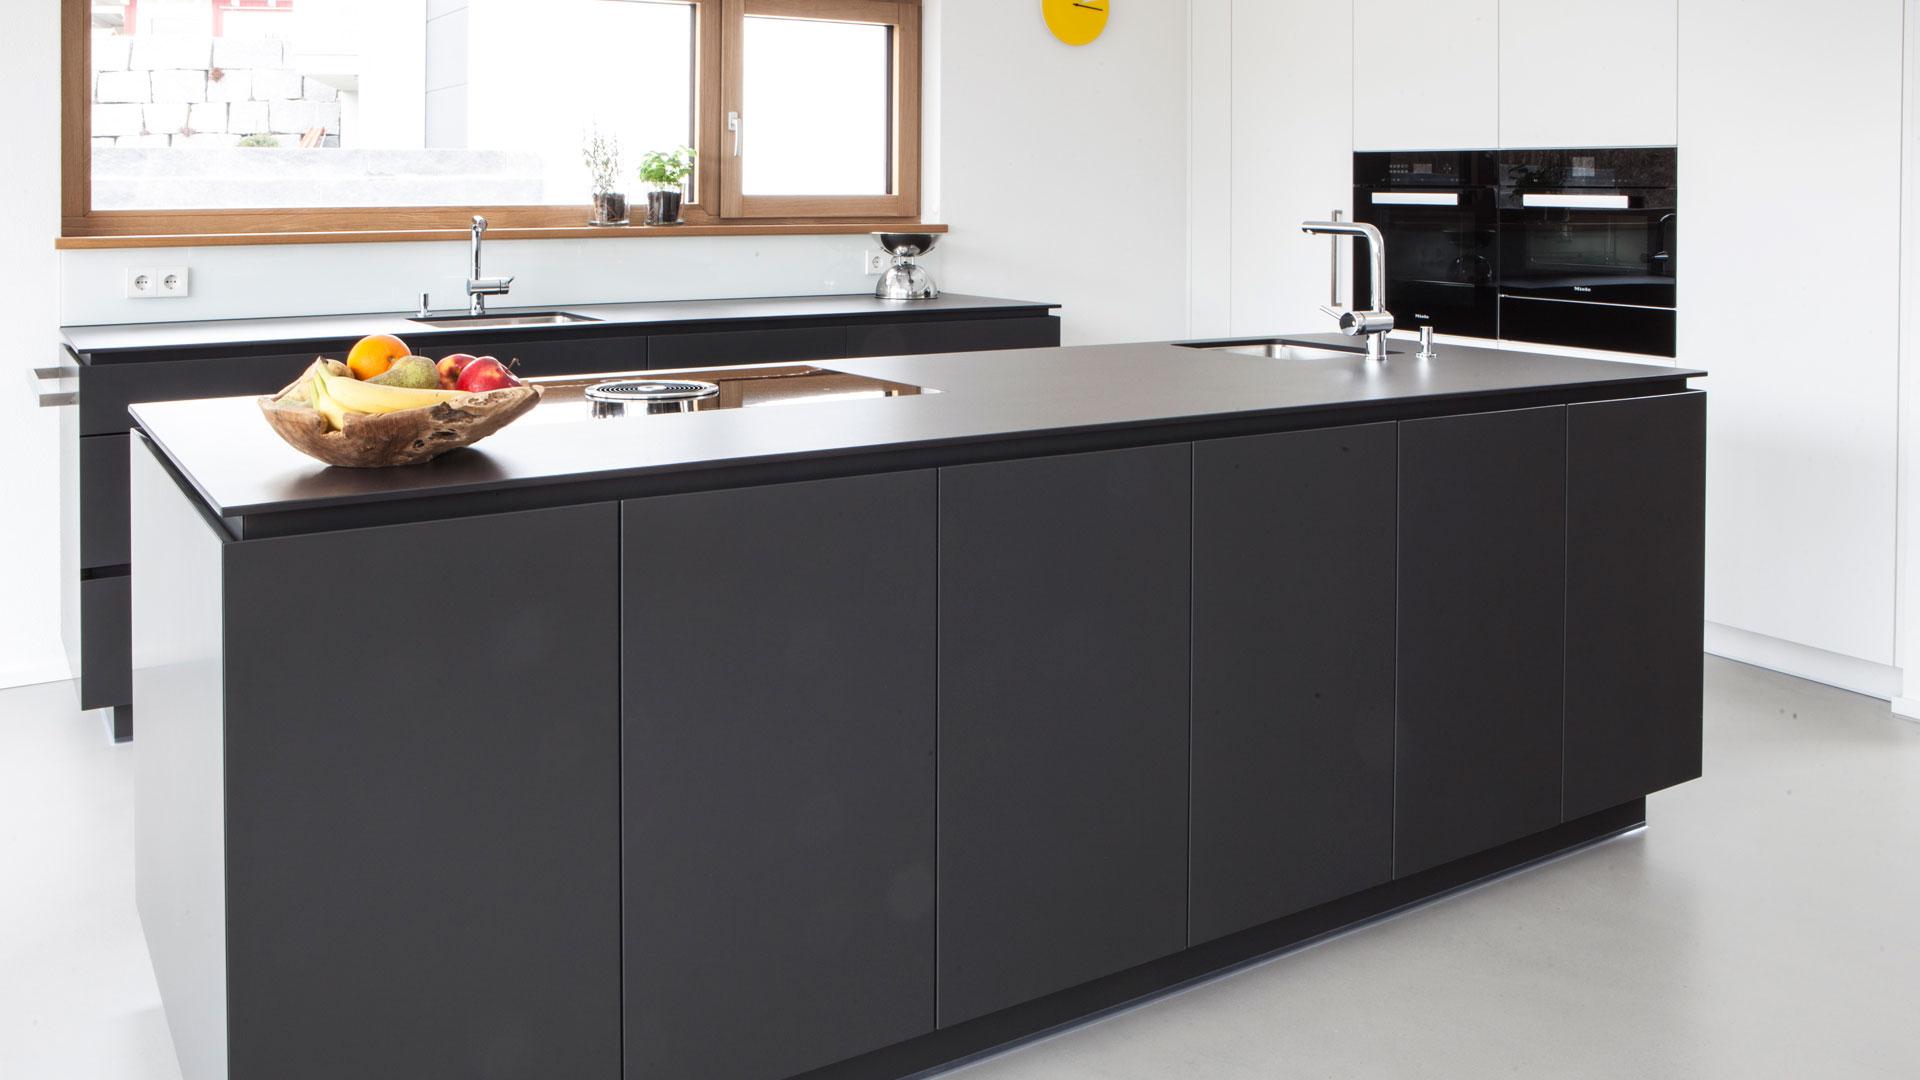 Full Size of Ikea Kche Kungsbacka Anthrazit Splbecken Nobilia Hochglanz Küche Fenster Wohnzimmer Kungsbacka Anthrazit